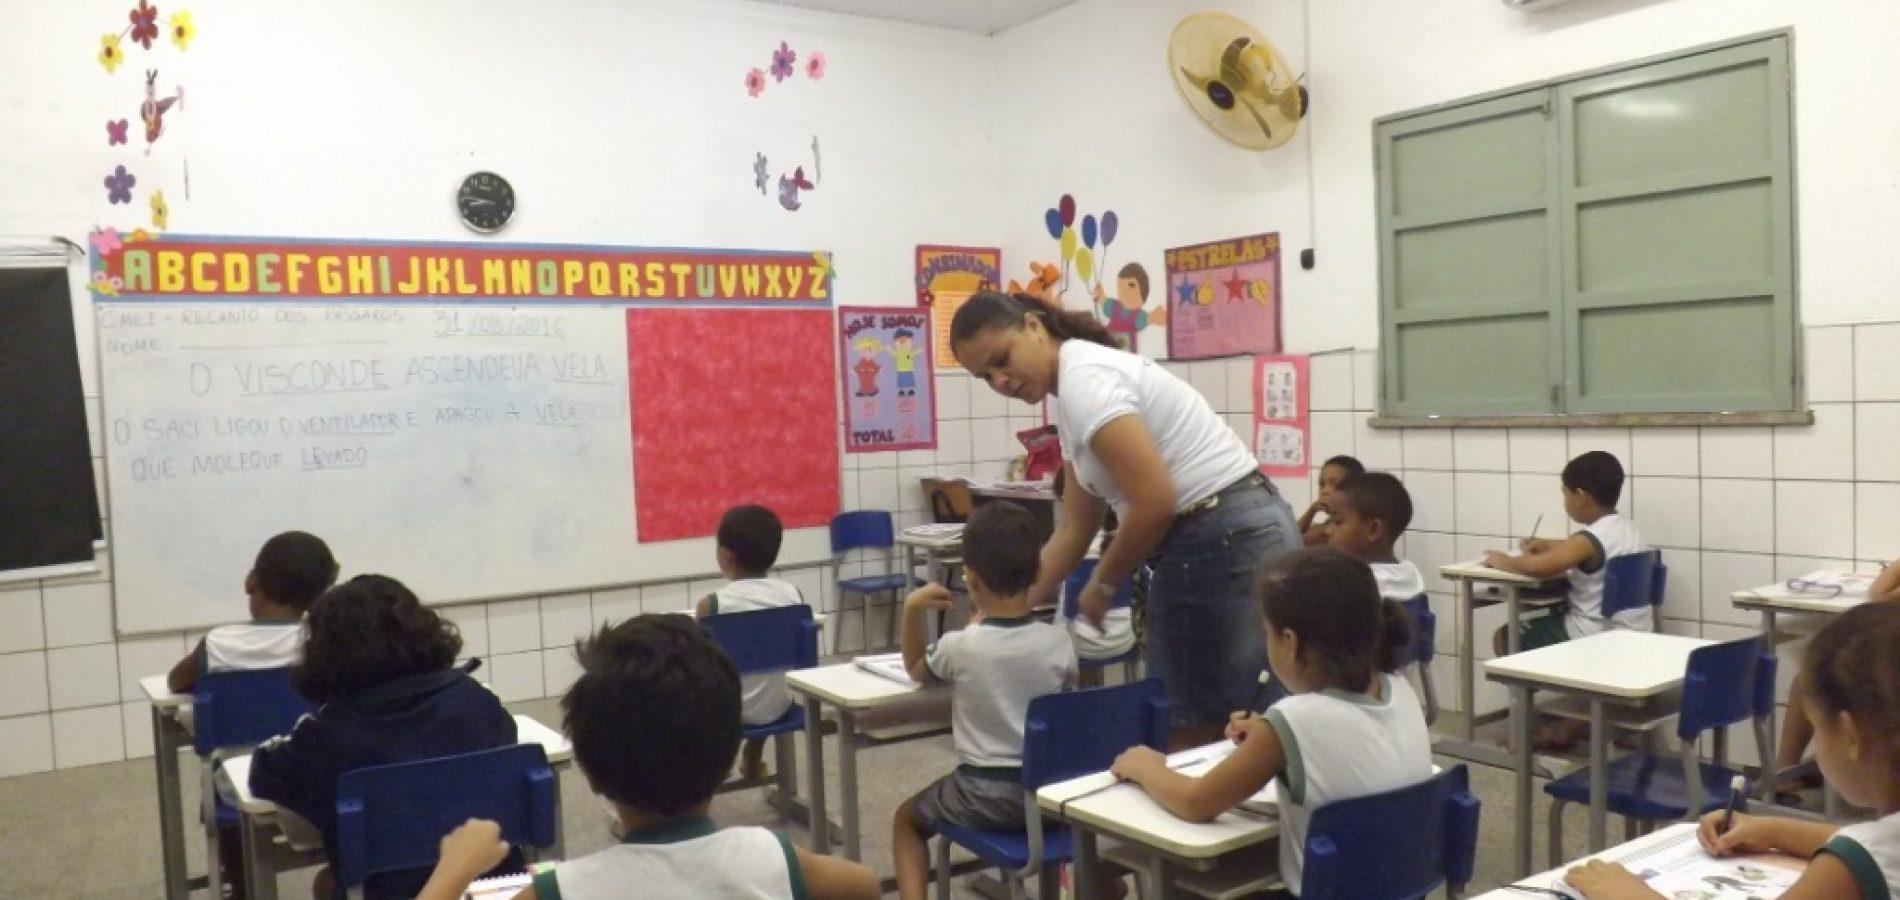 Piauiense está estudando mais: IBGE vê aumento nos anos de estudo da população